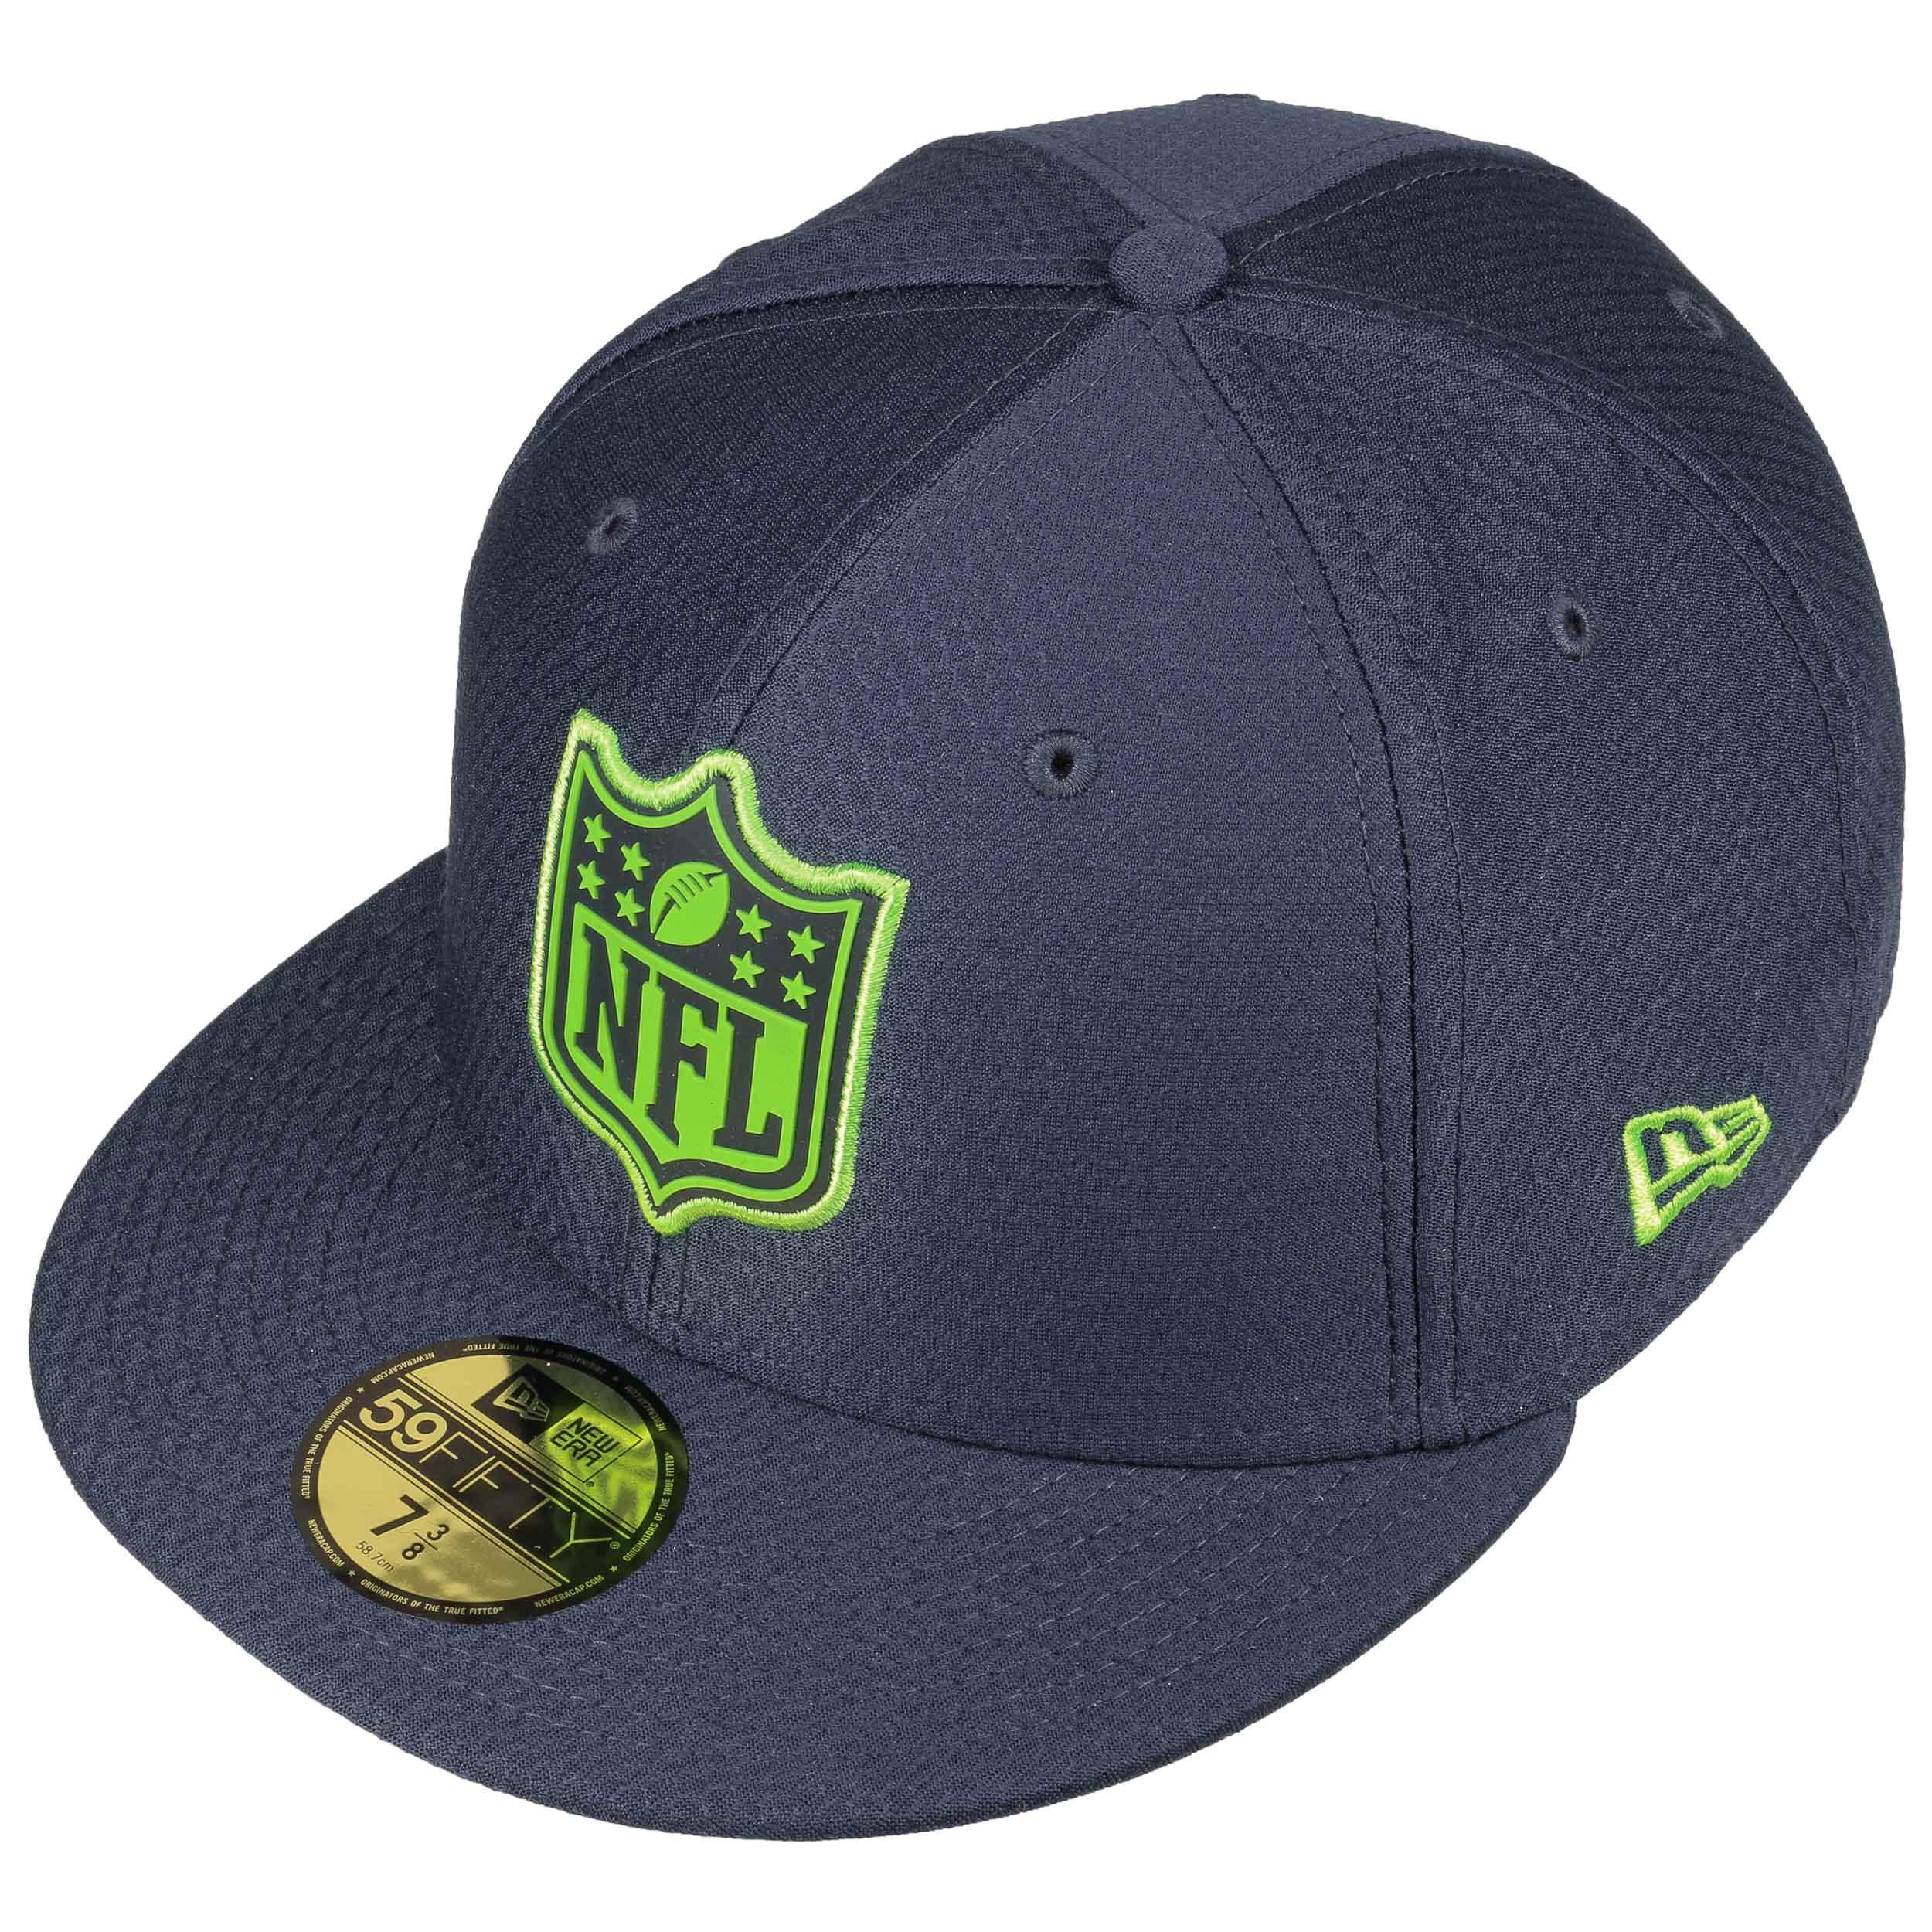 59Fifty League Logo Seahawks Cap by New Era - navy 1 ... 08ebbea85